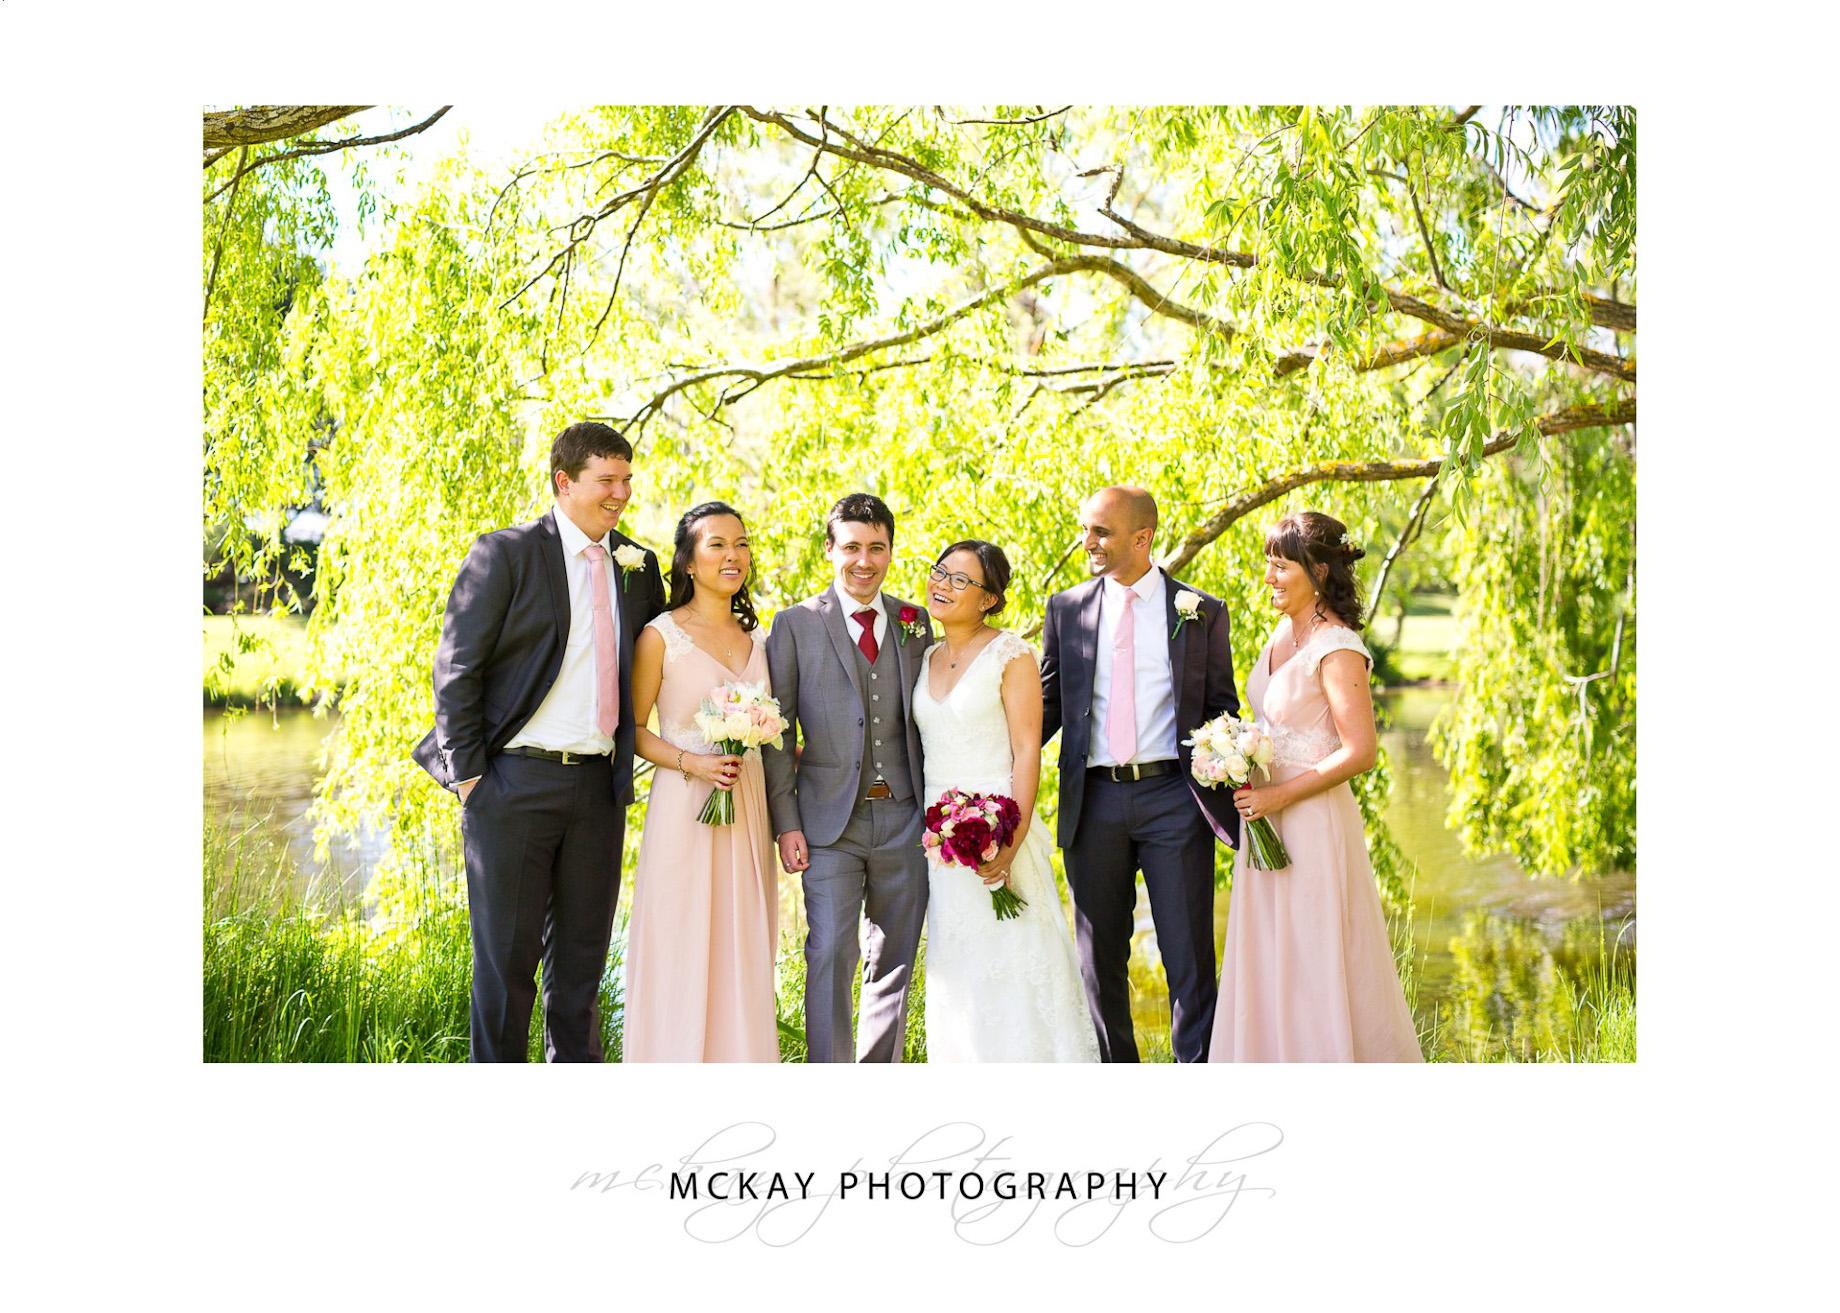 Bridal party at Briars near lake